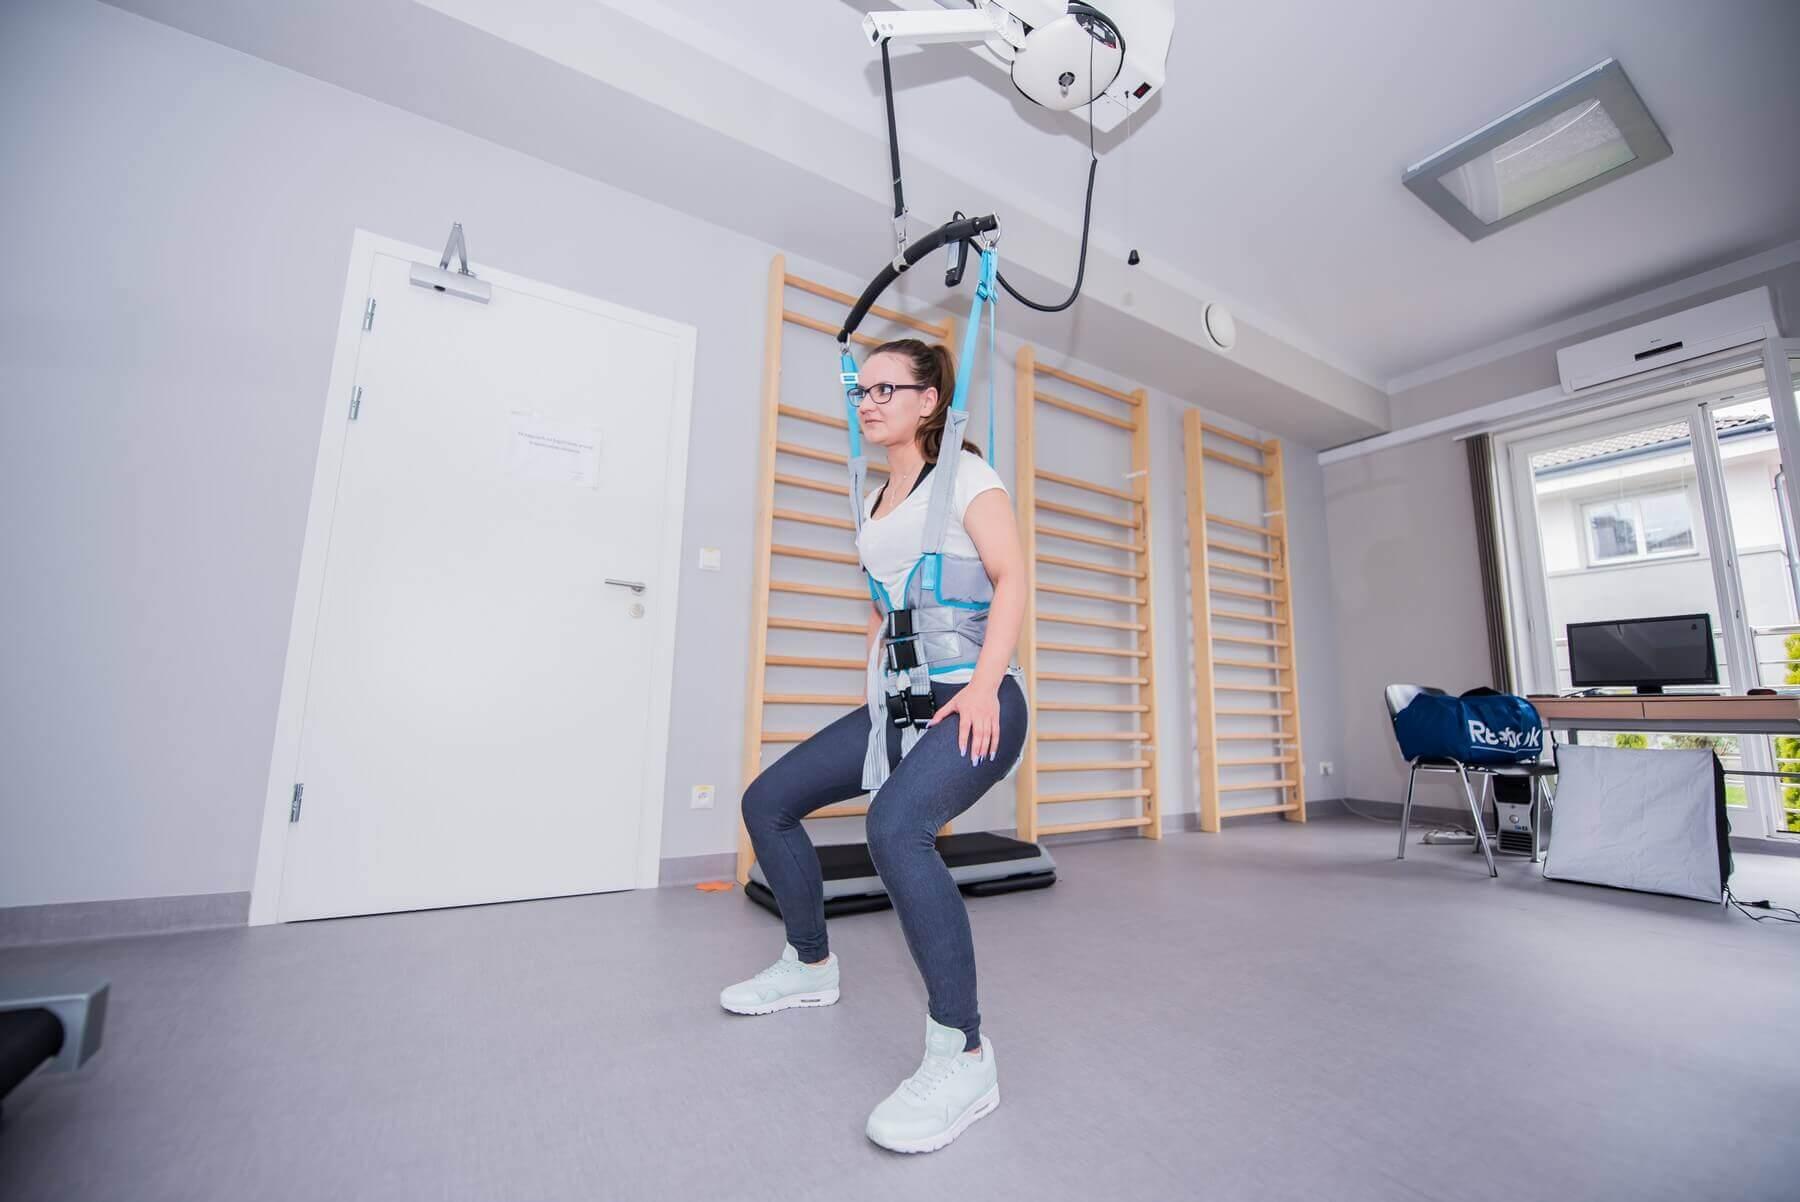 urządzenie doćwiczeń wodciążeniu Ergo Trainer Winncare rehabilitacja chodu